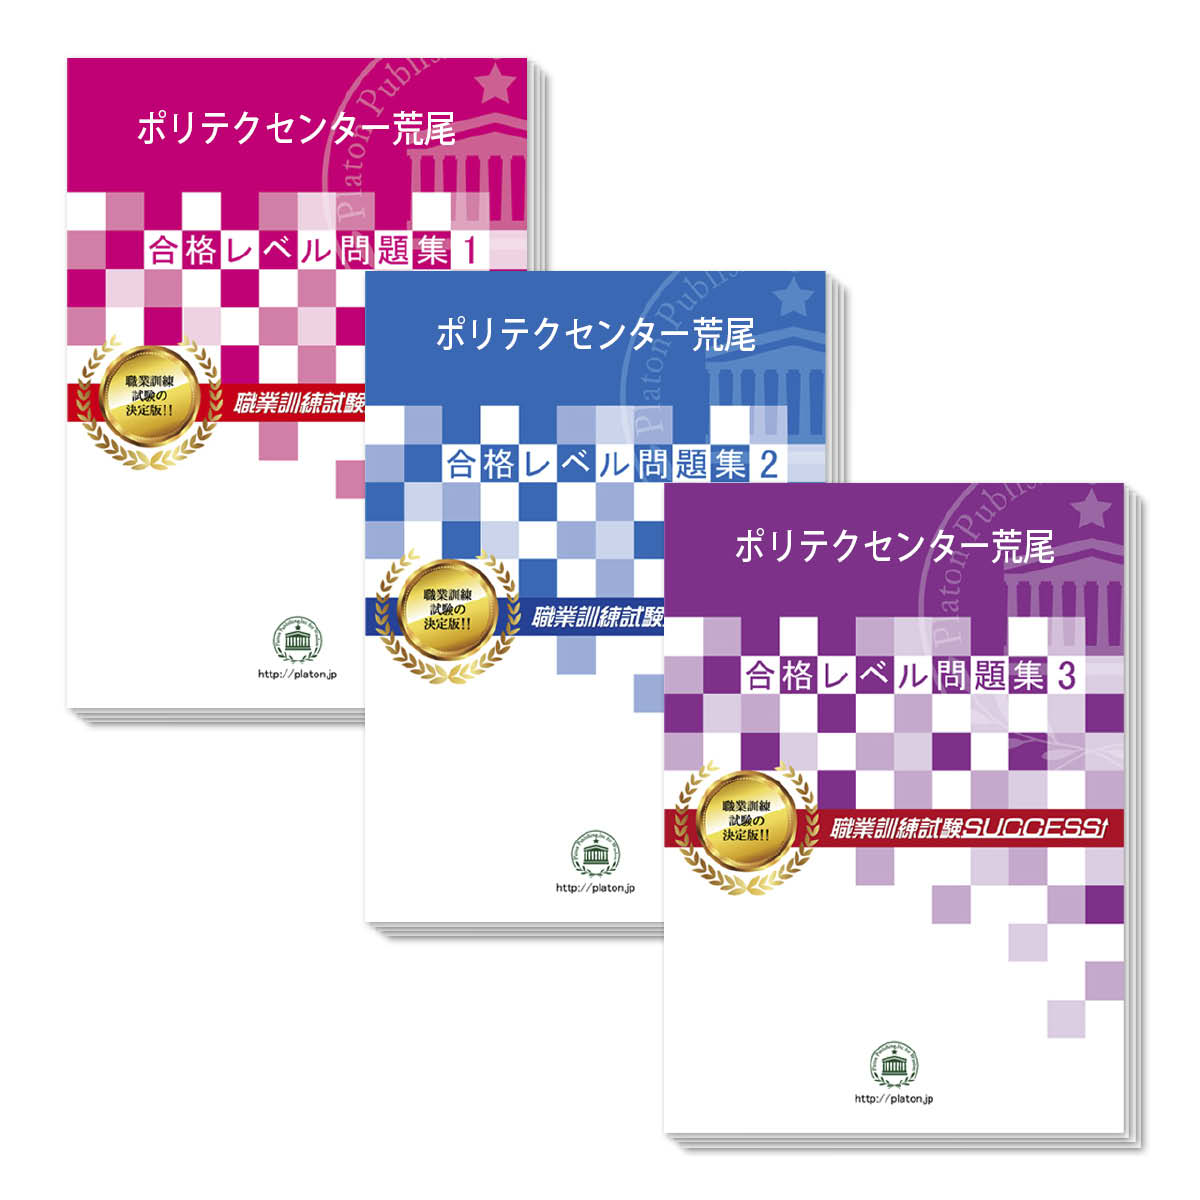 国内正規品 初回限定 送料 代引手数料無料 ポリテクセンター荒尾 3冊 受験合格セット問題集